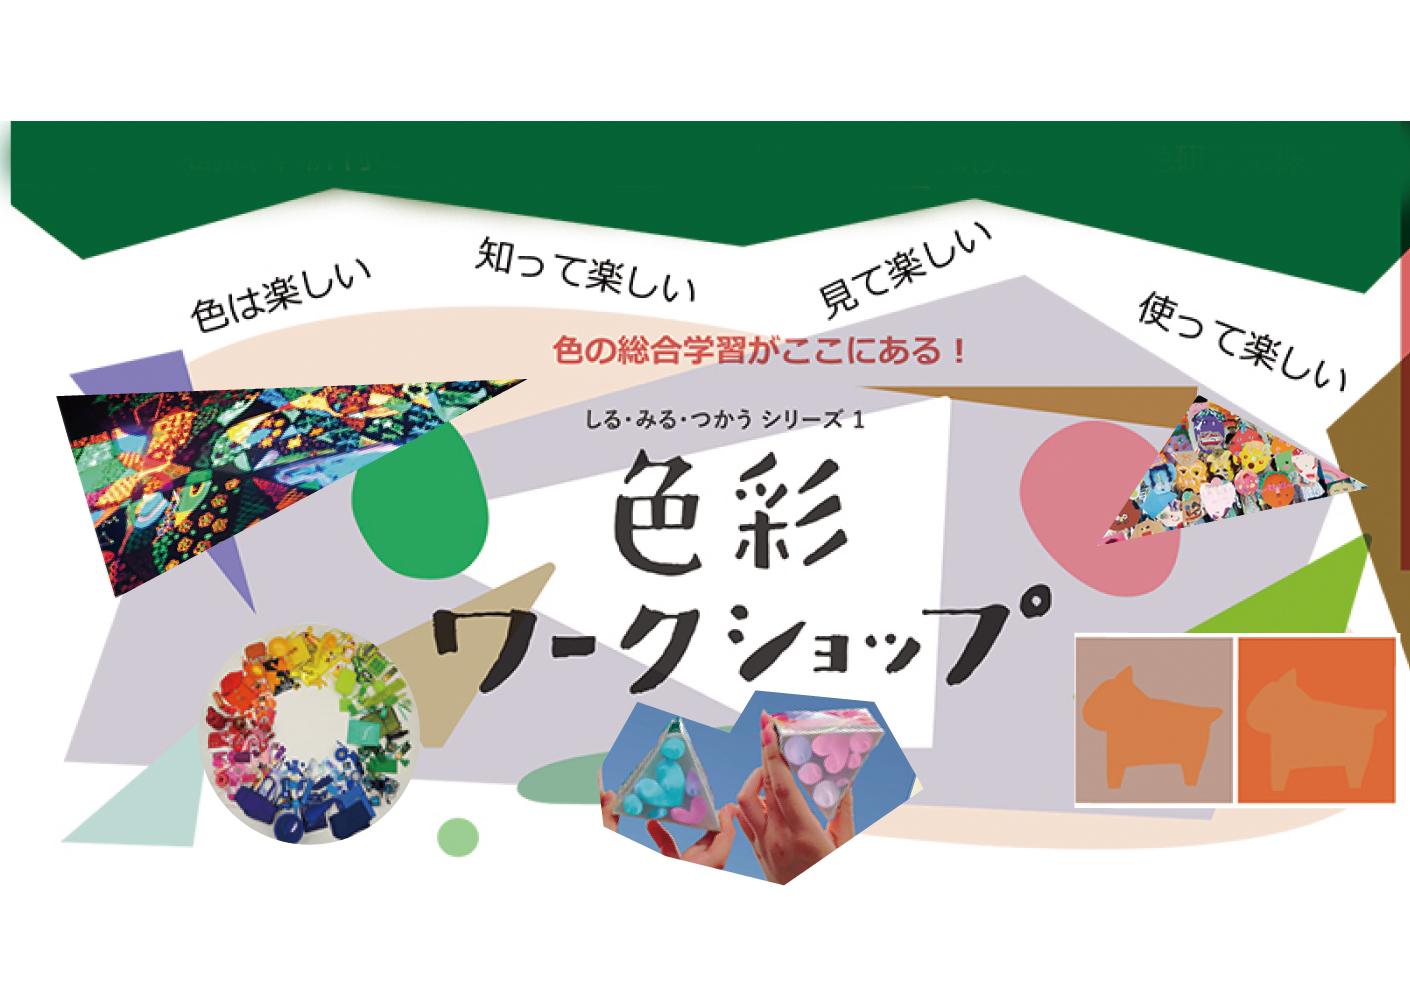 「色彩ワークショップ」教材を使って色を学ぼう!のメイン画像